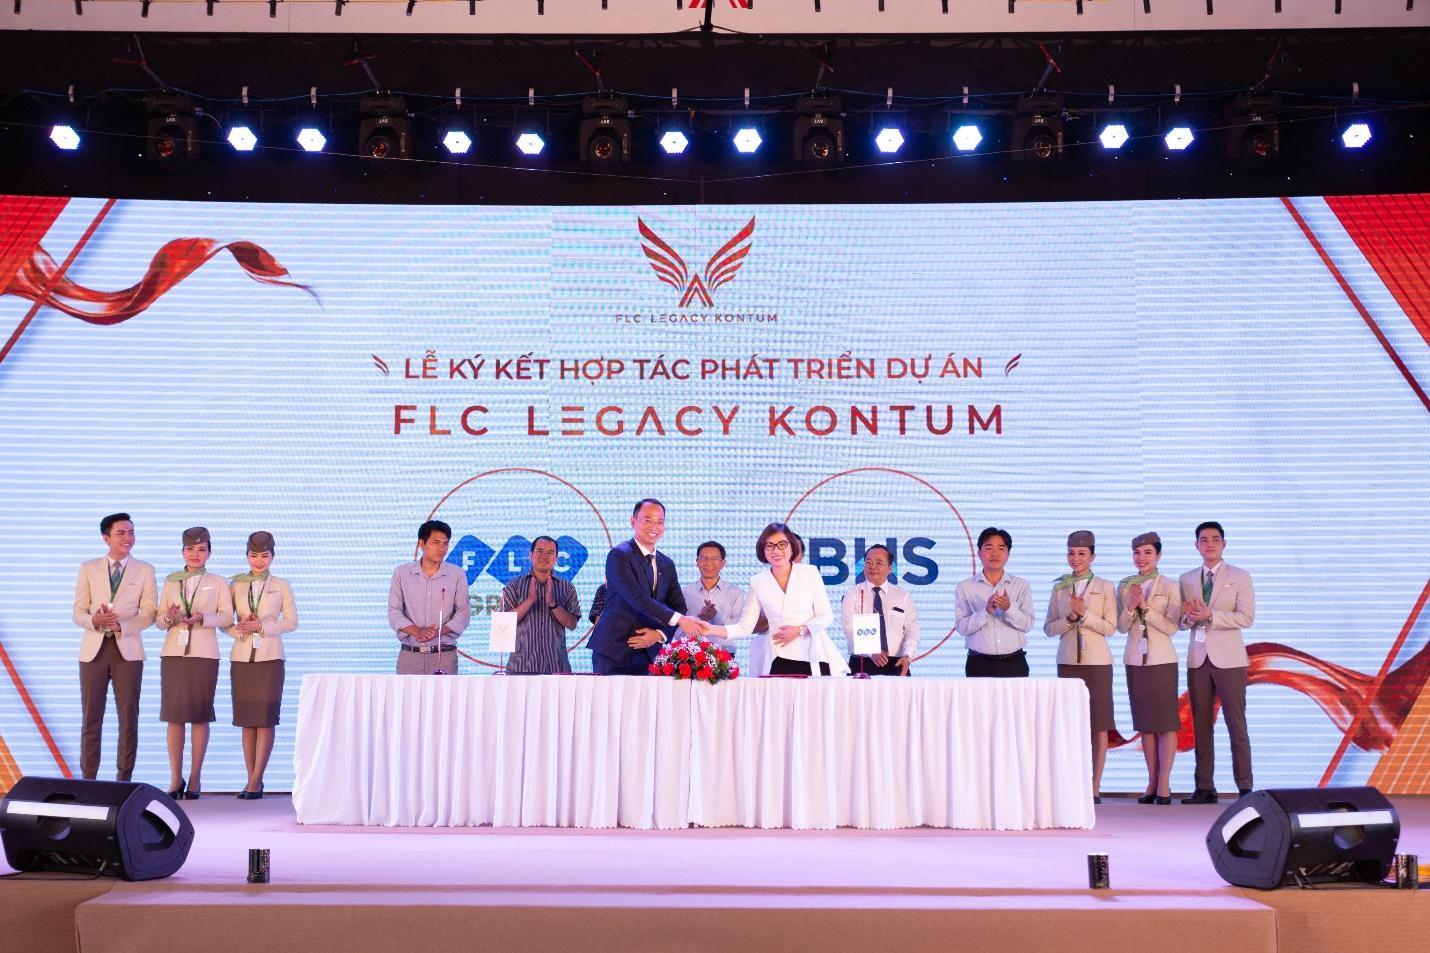 Sự kiện ra mắt FLC Legacy Kontum: Hút hàng ngàn khách hàng từ mọi miền đất nước - Ảnh 4